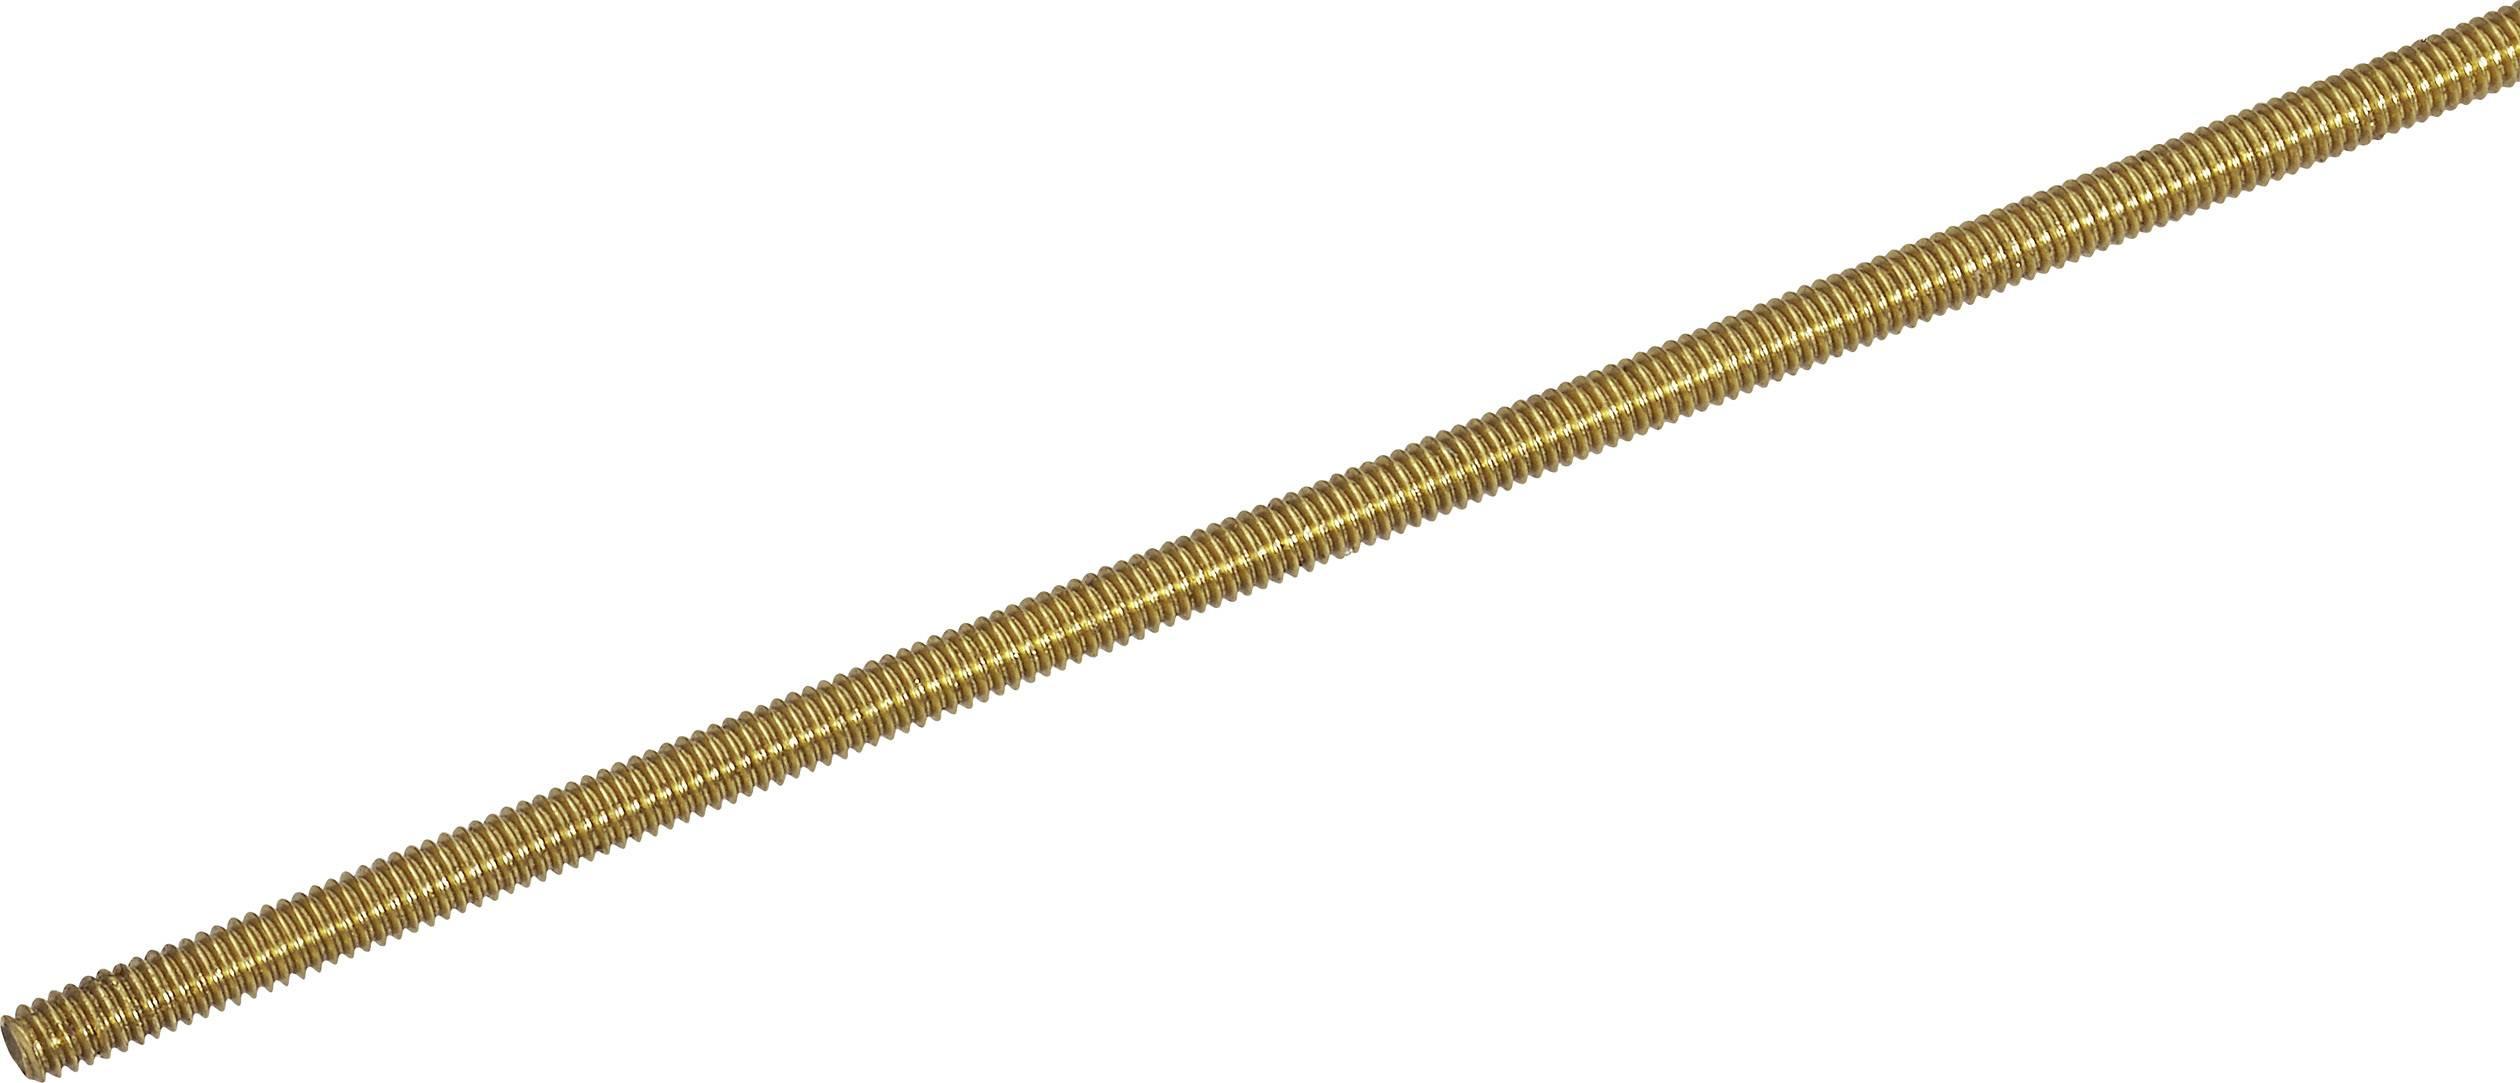 Závitová tyč Reely 297976 M2, 500 mm, mosaz, 1 ks